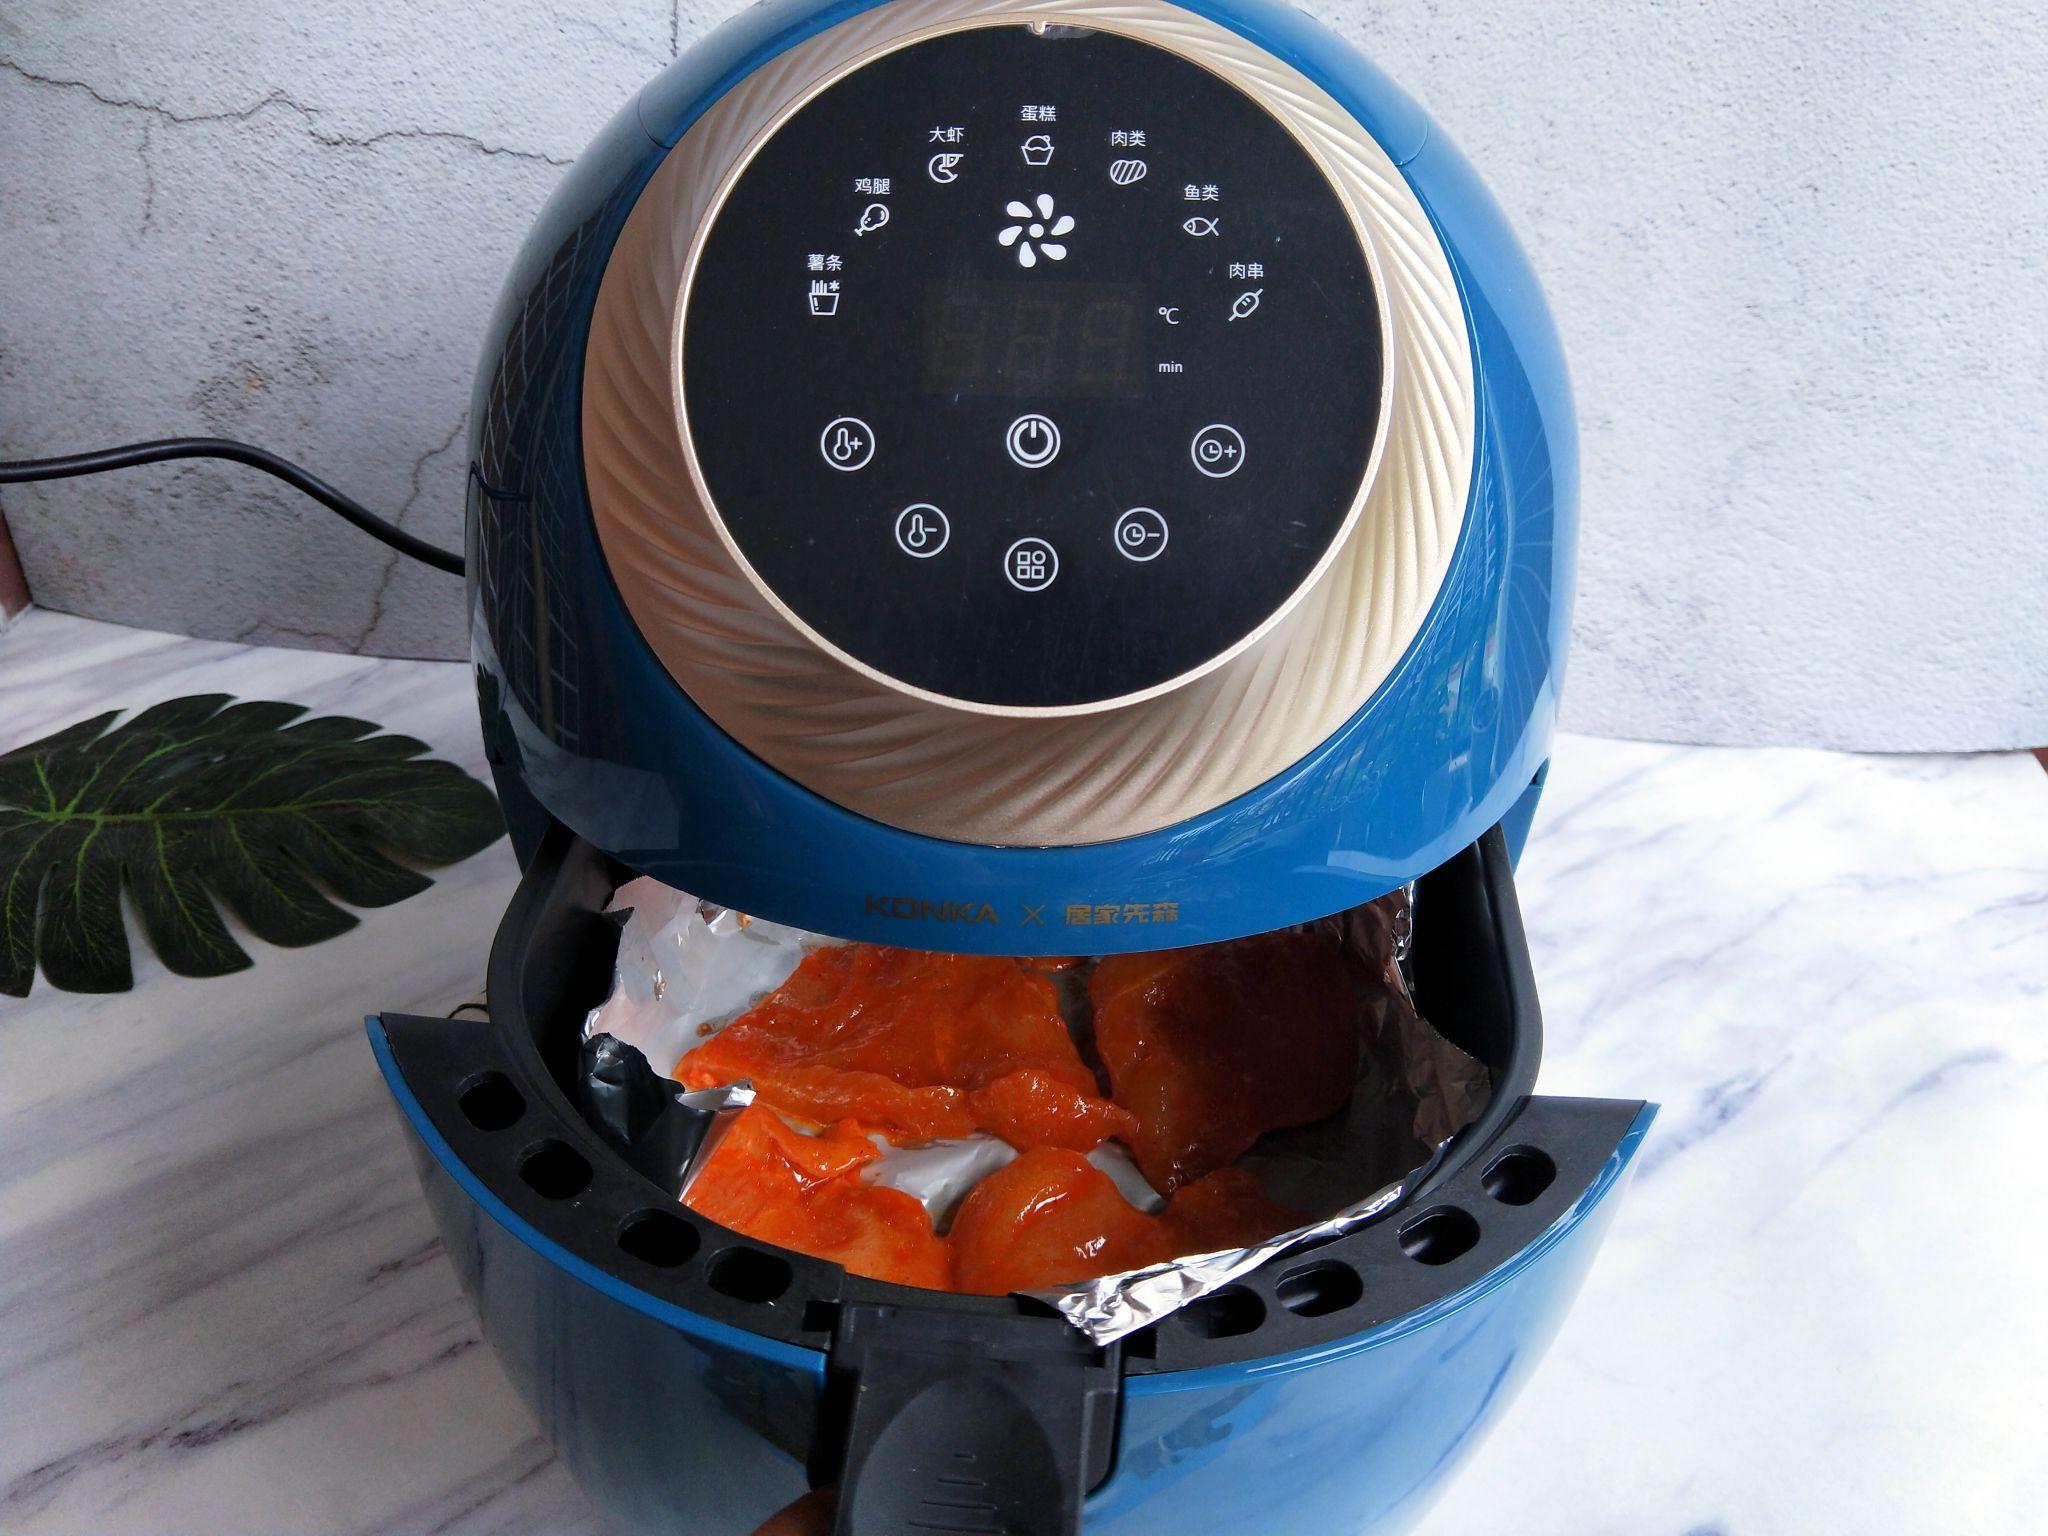 空气炸锅做的鸡扒,无油低脂可香了怎么煮